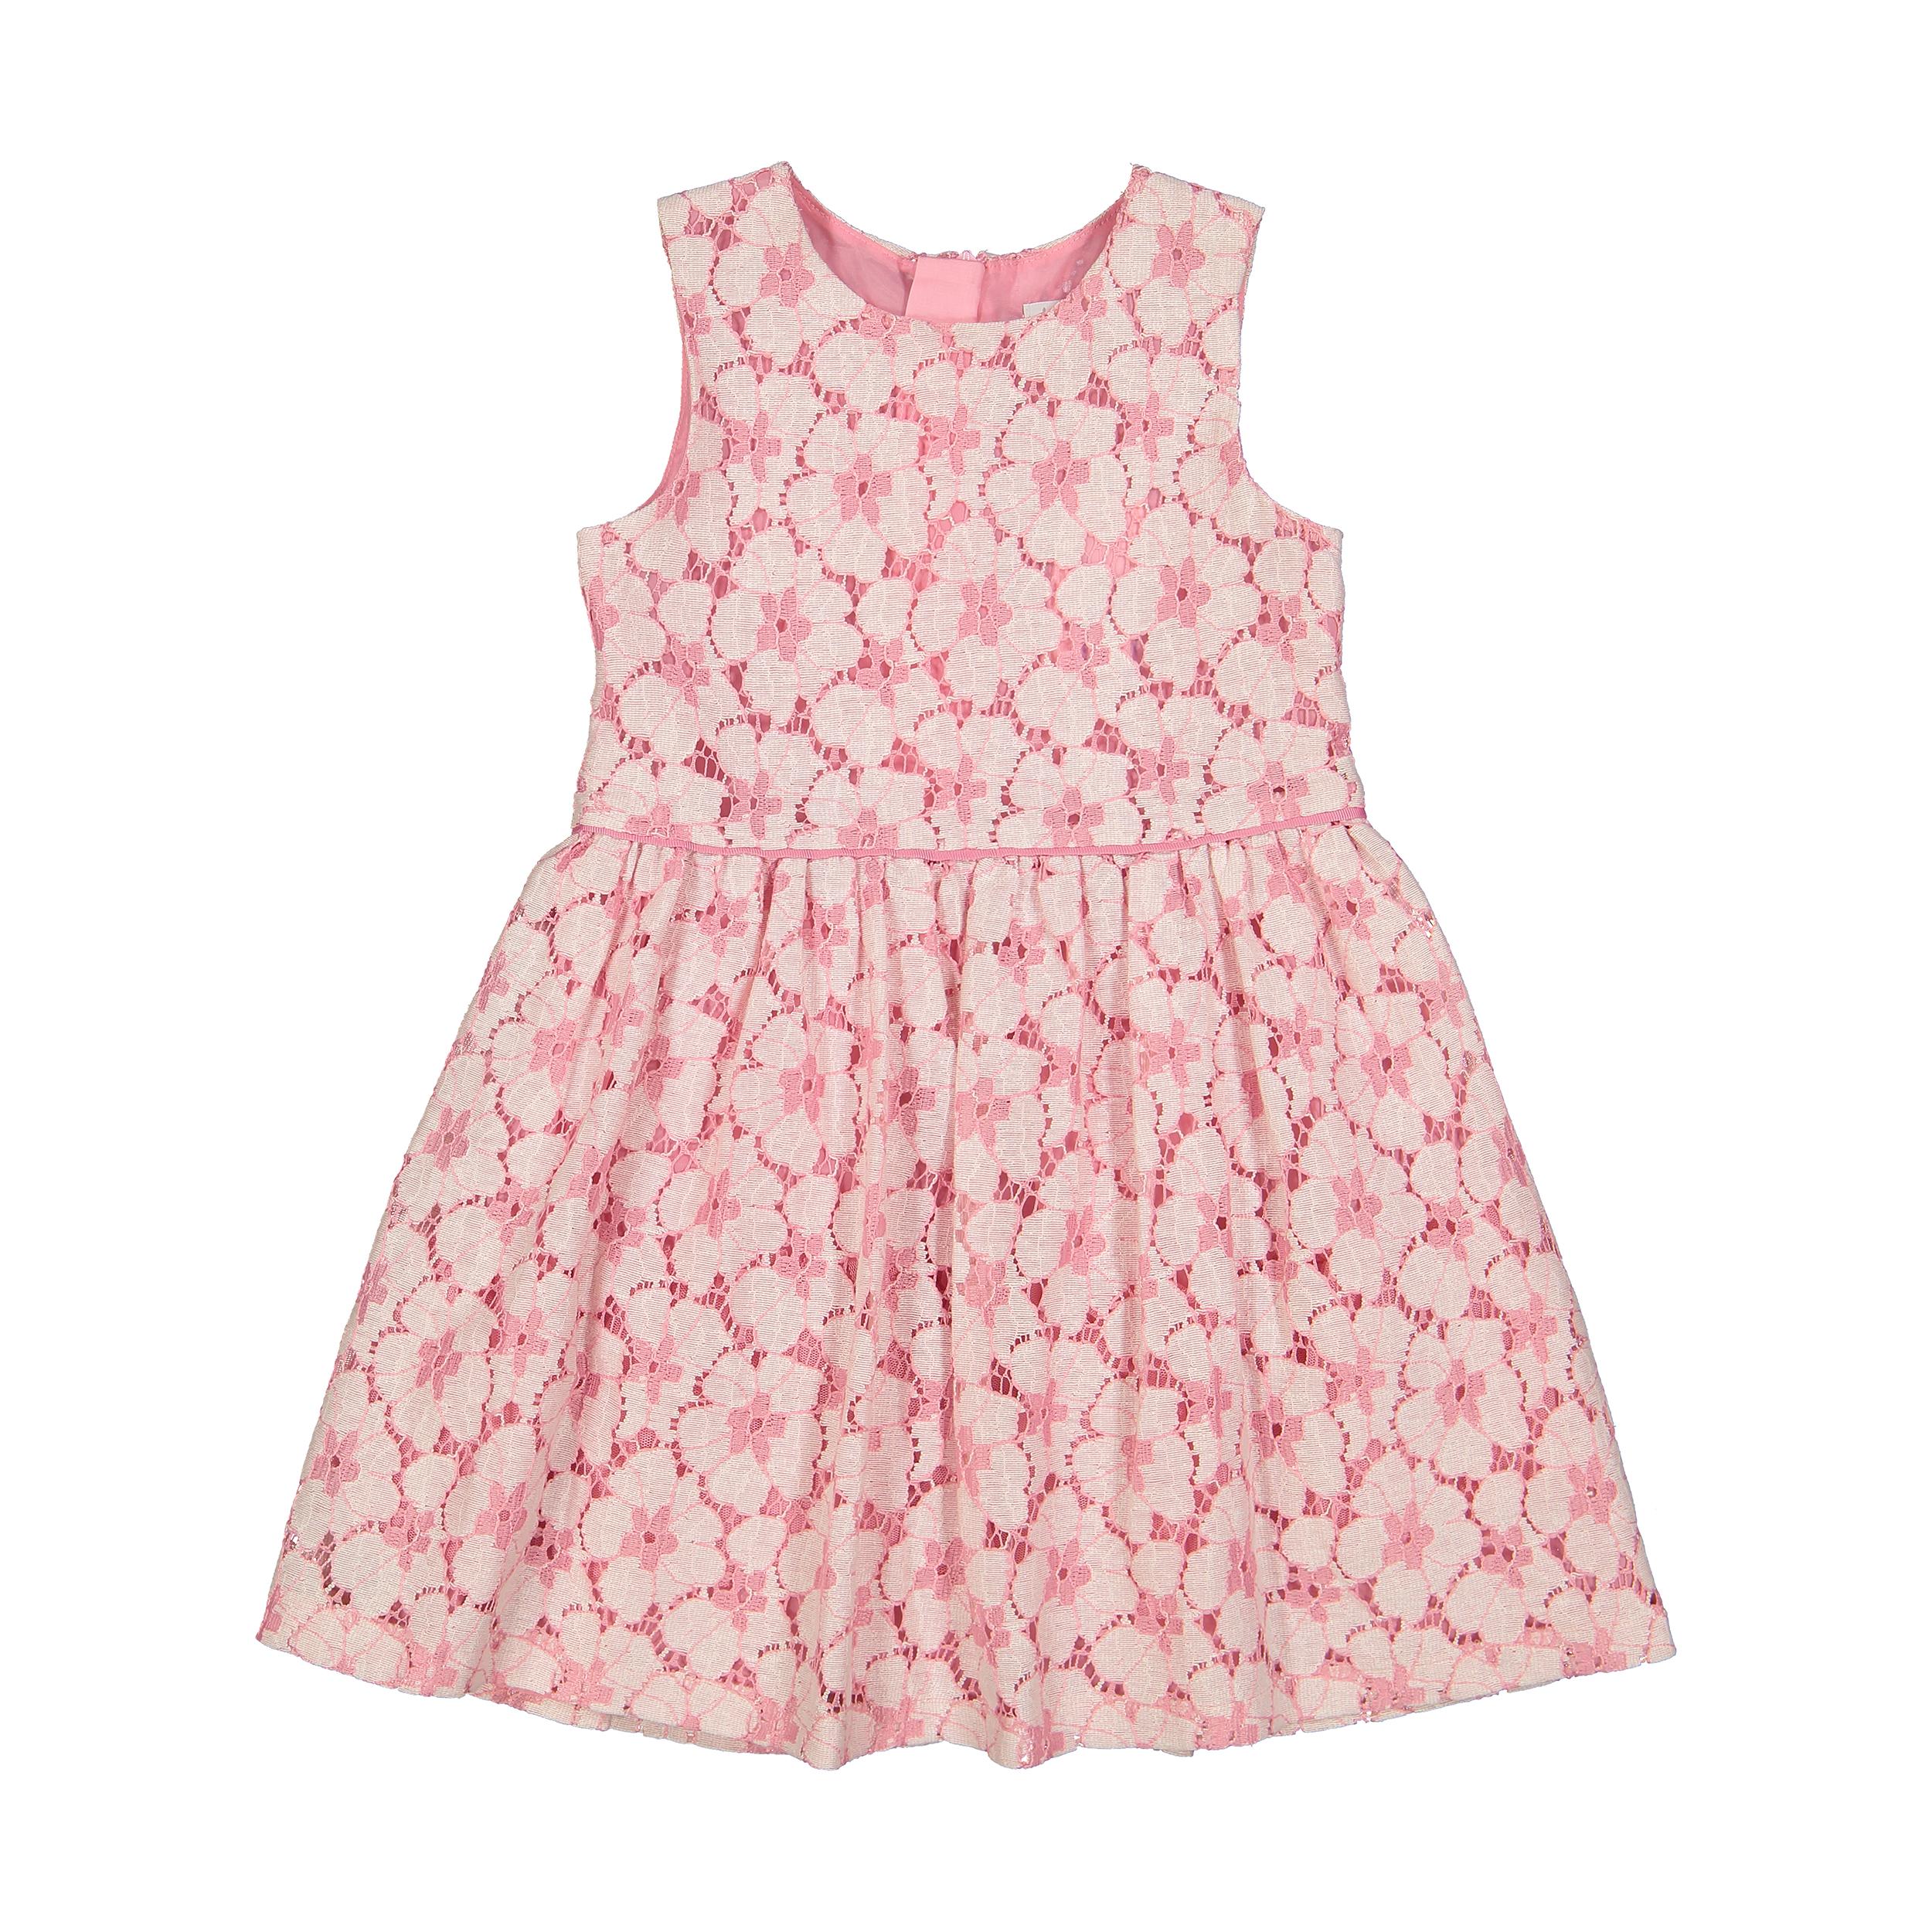 پیراهن نوزادی دخترانه دبنهامز کد 2250202163